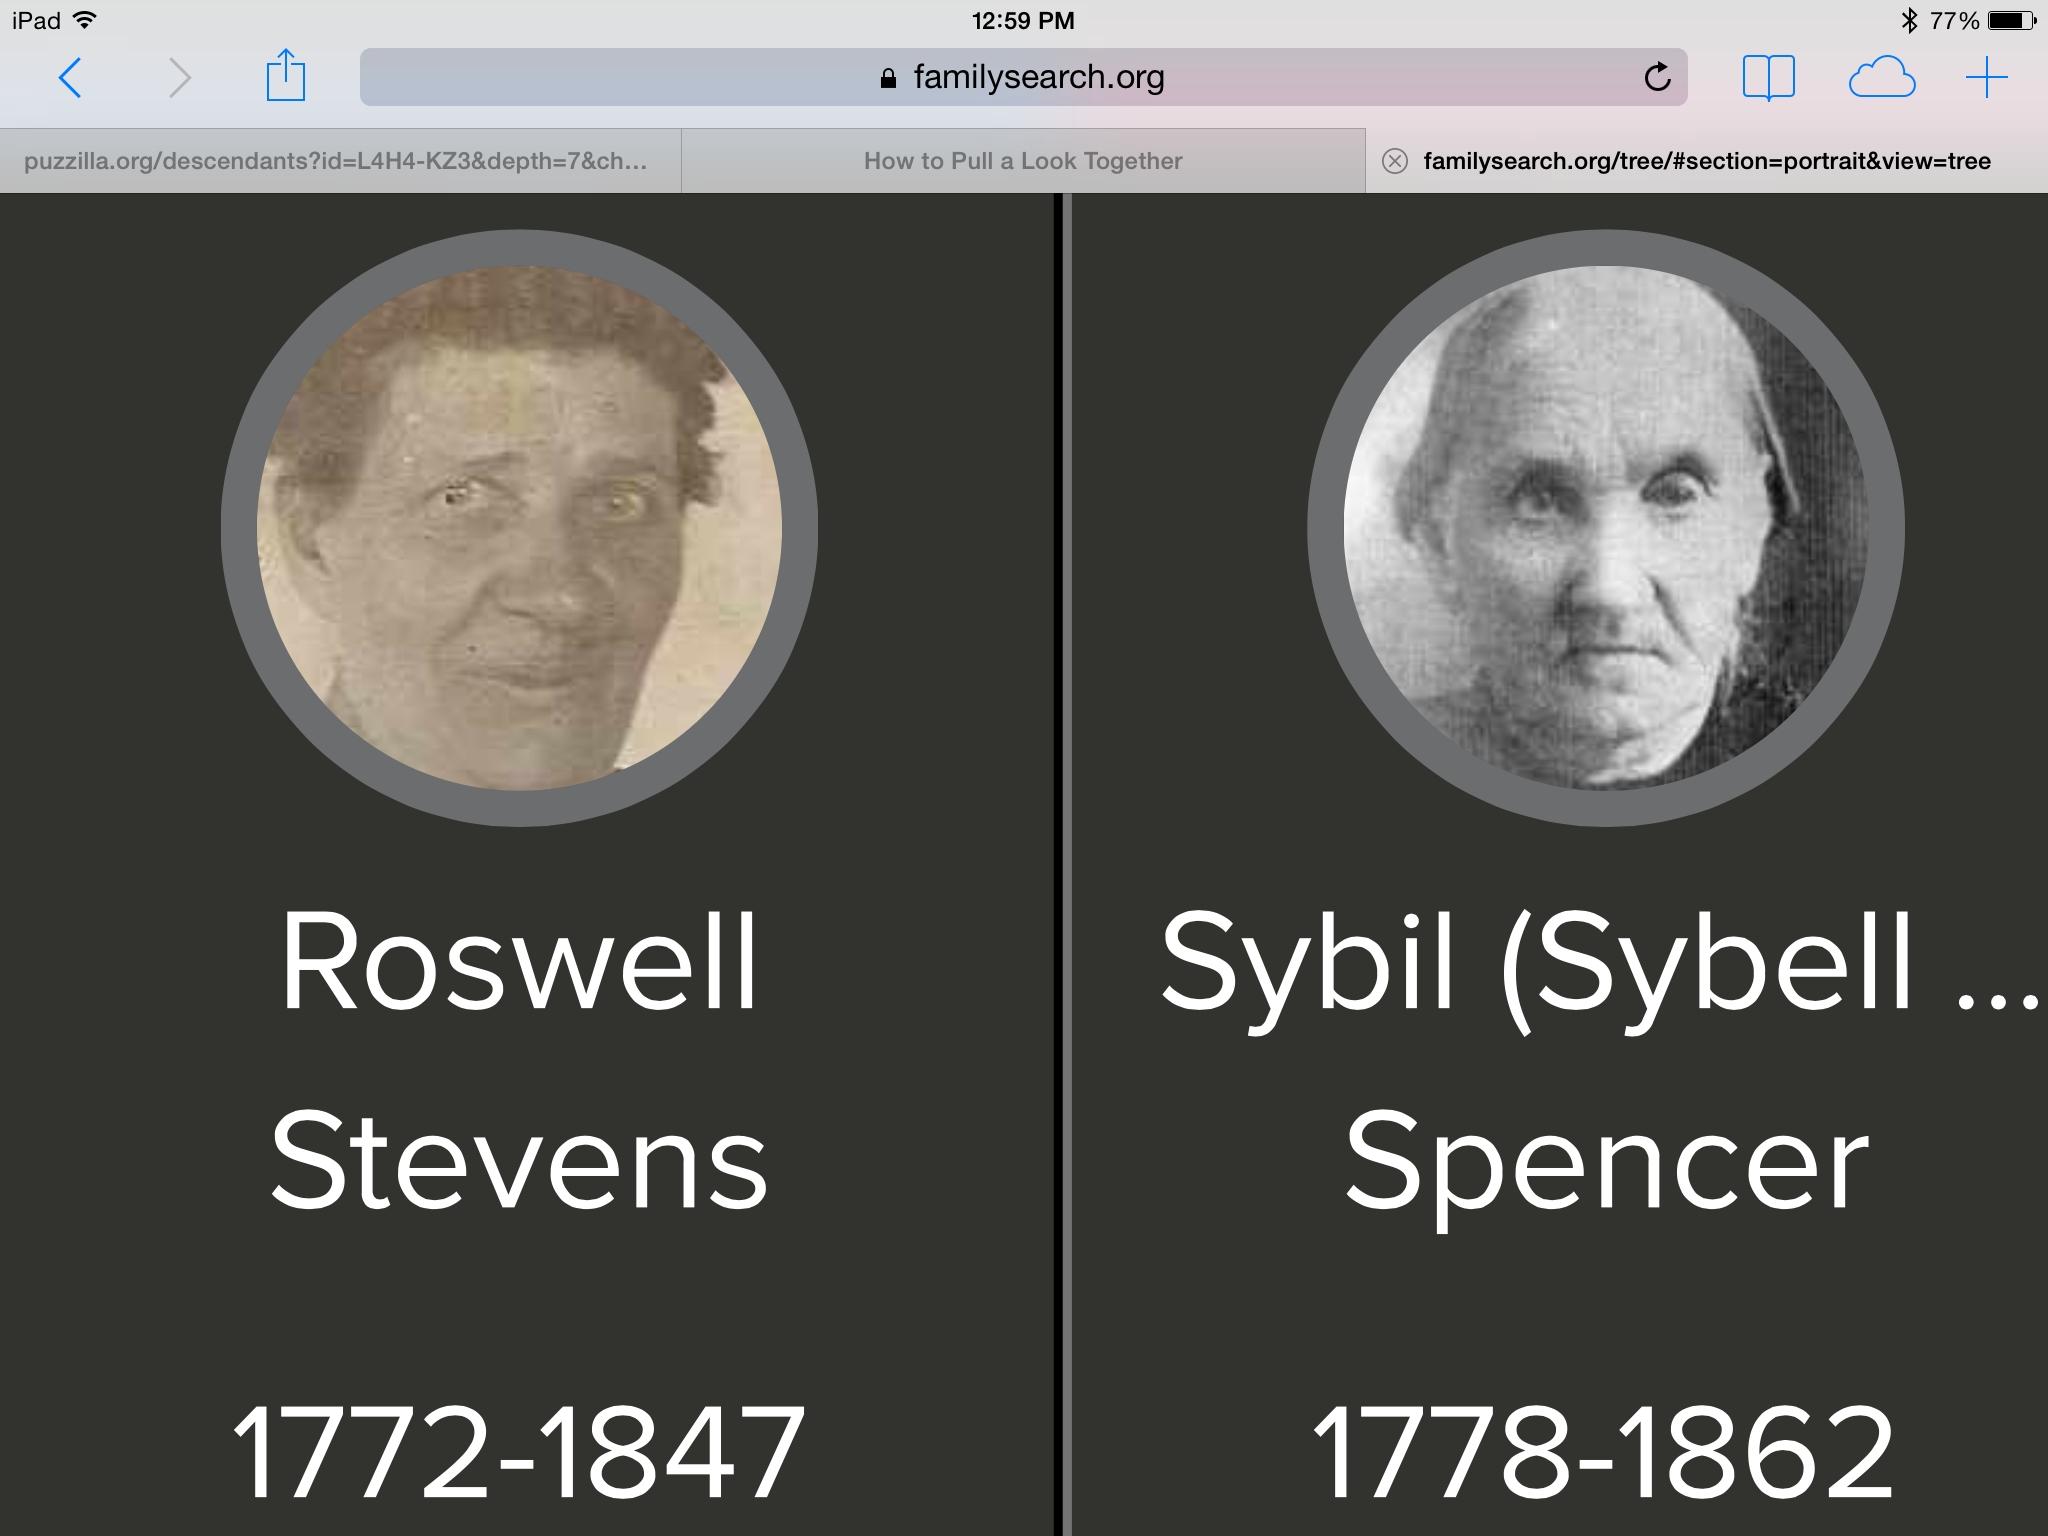 Roswell Stevens